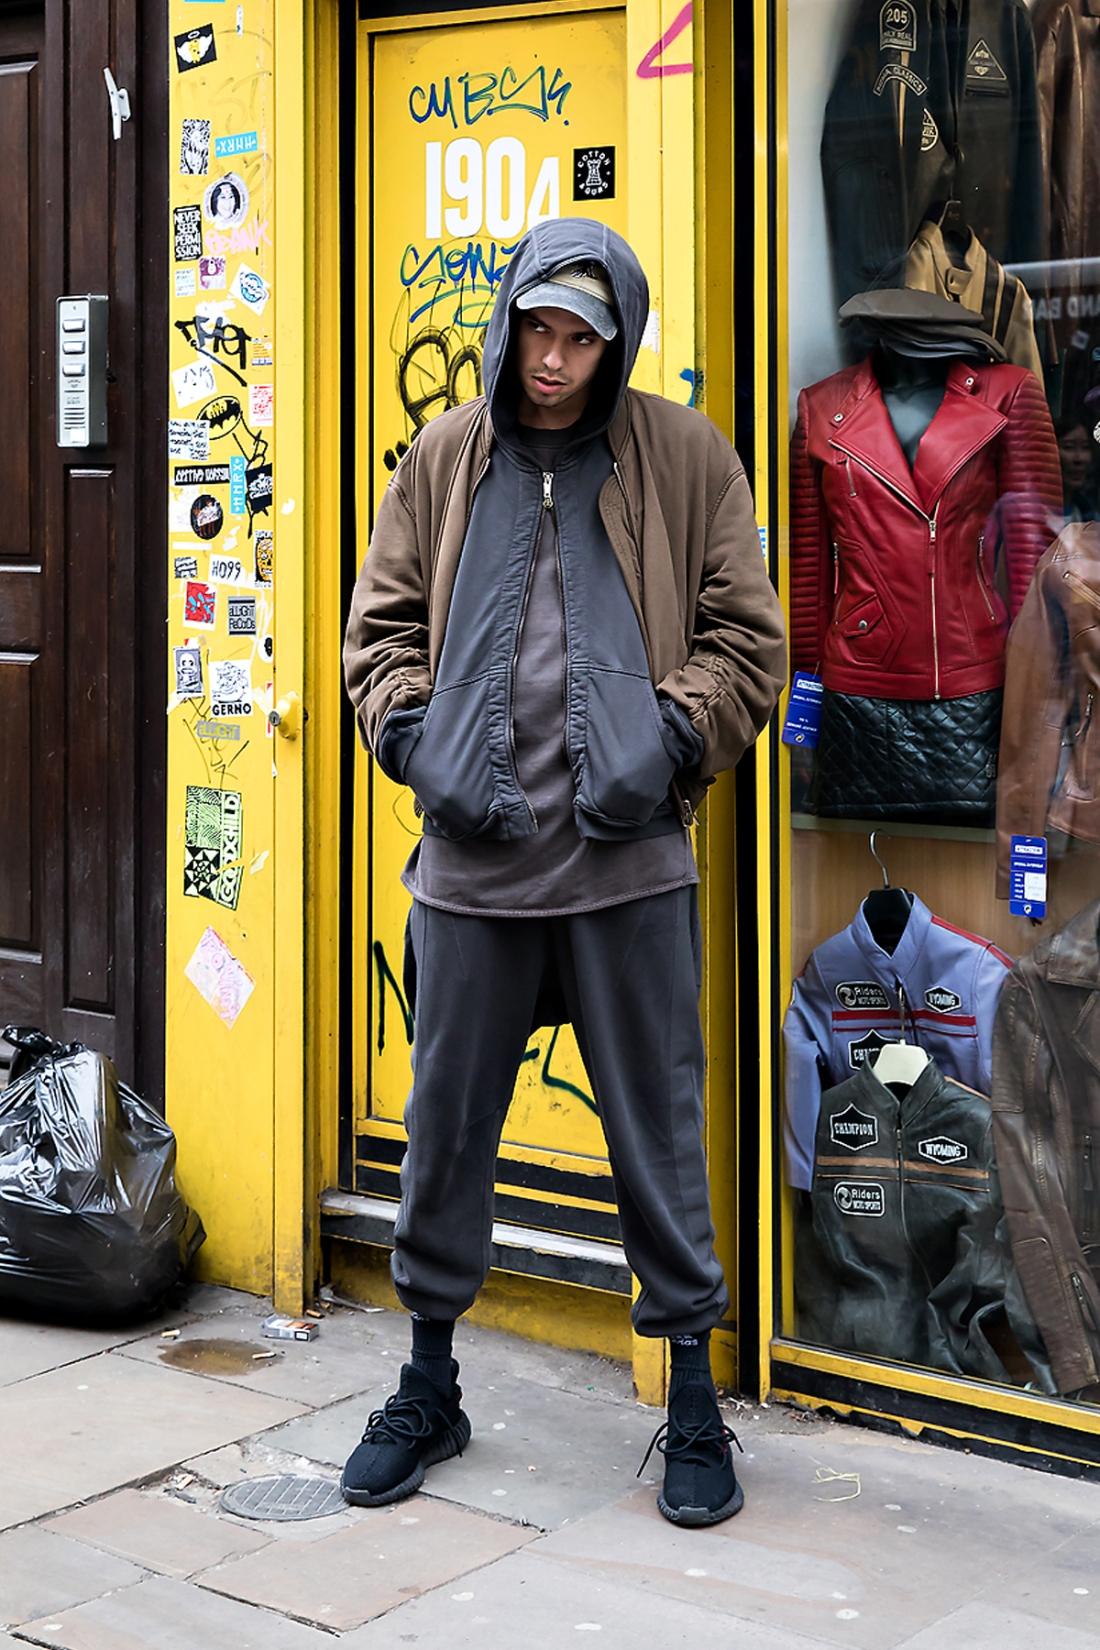 Leon Salkin, Street Fashion 2017 in London.jpg